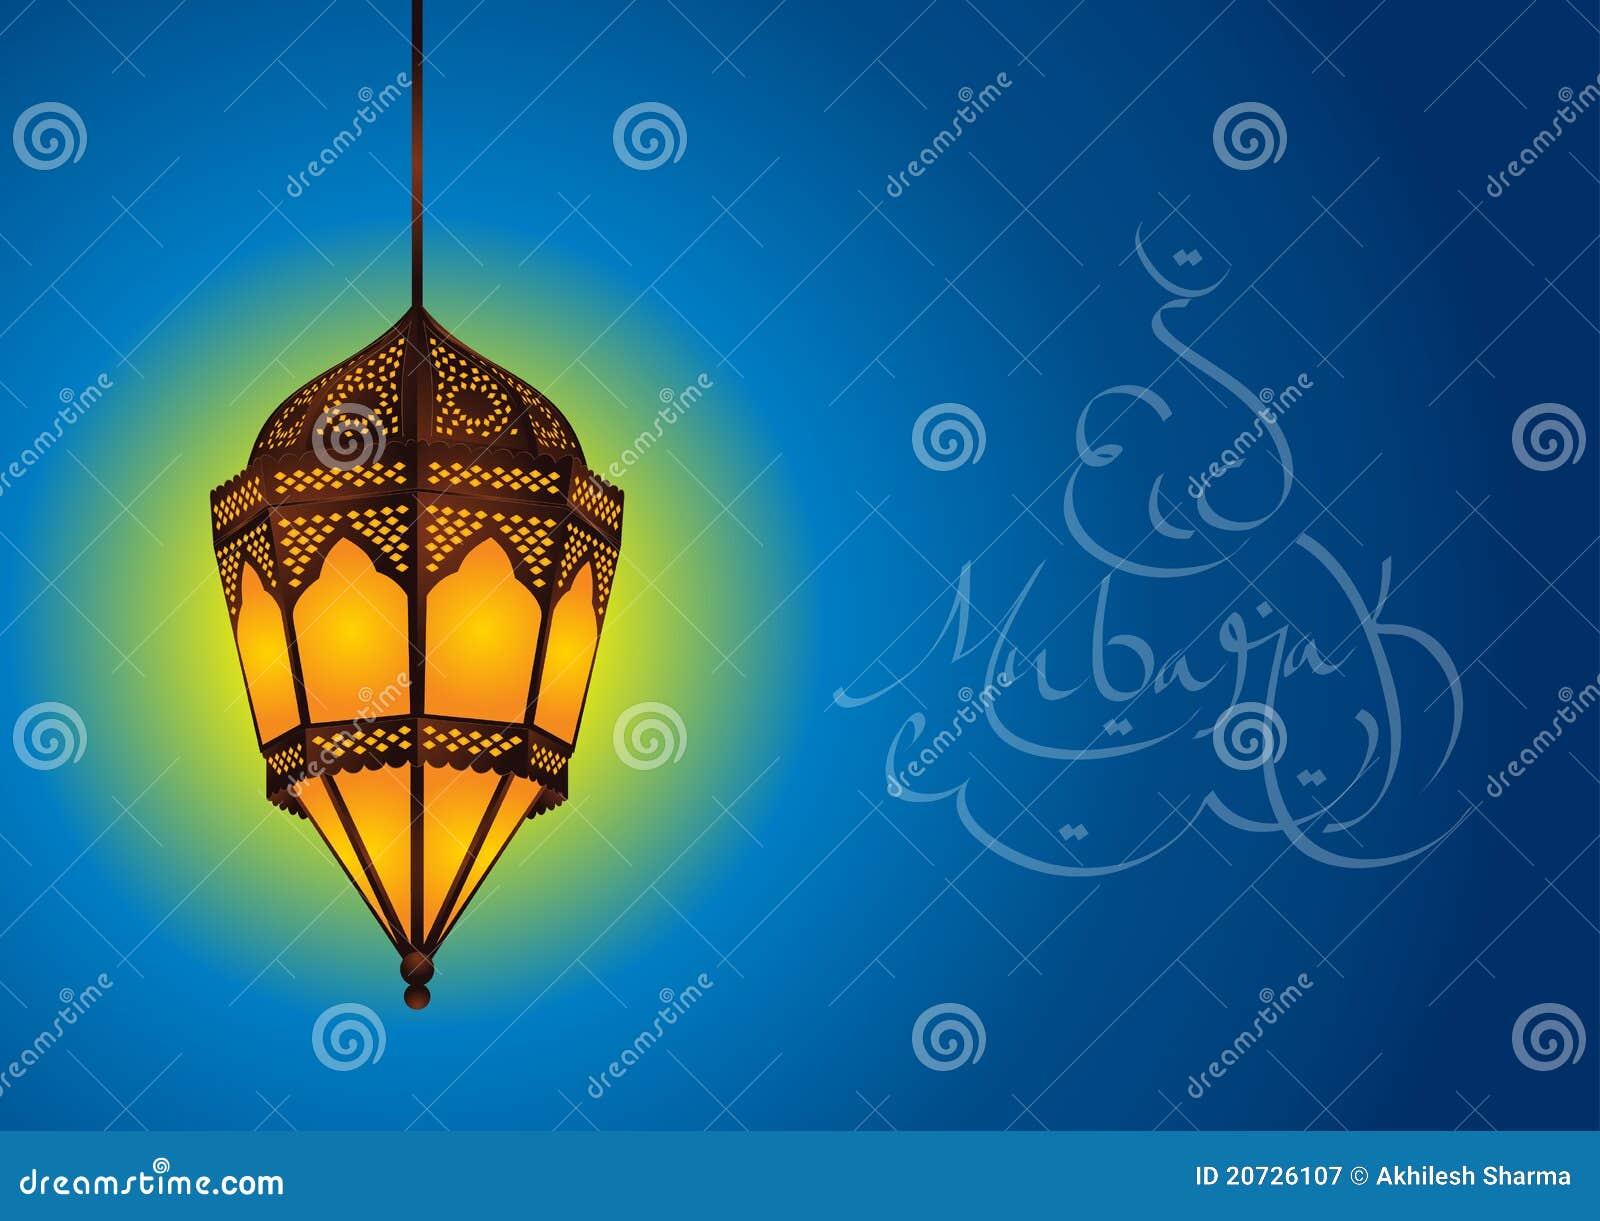 Islamic Lamp with Eid Mubarak in English